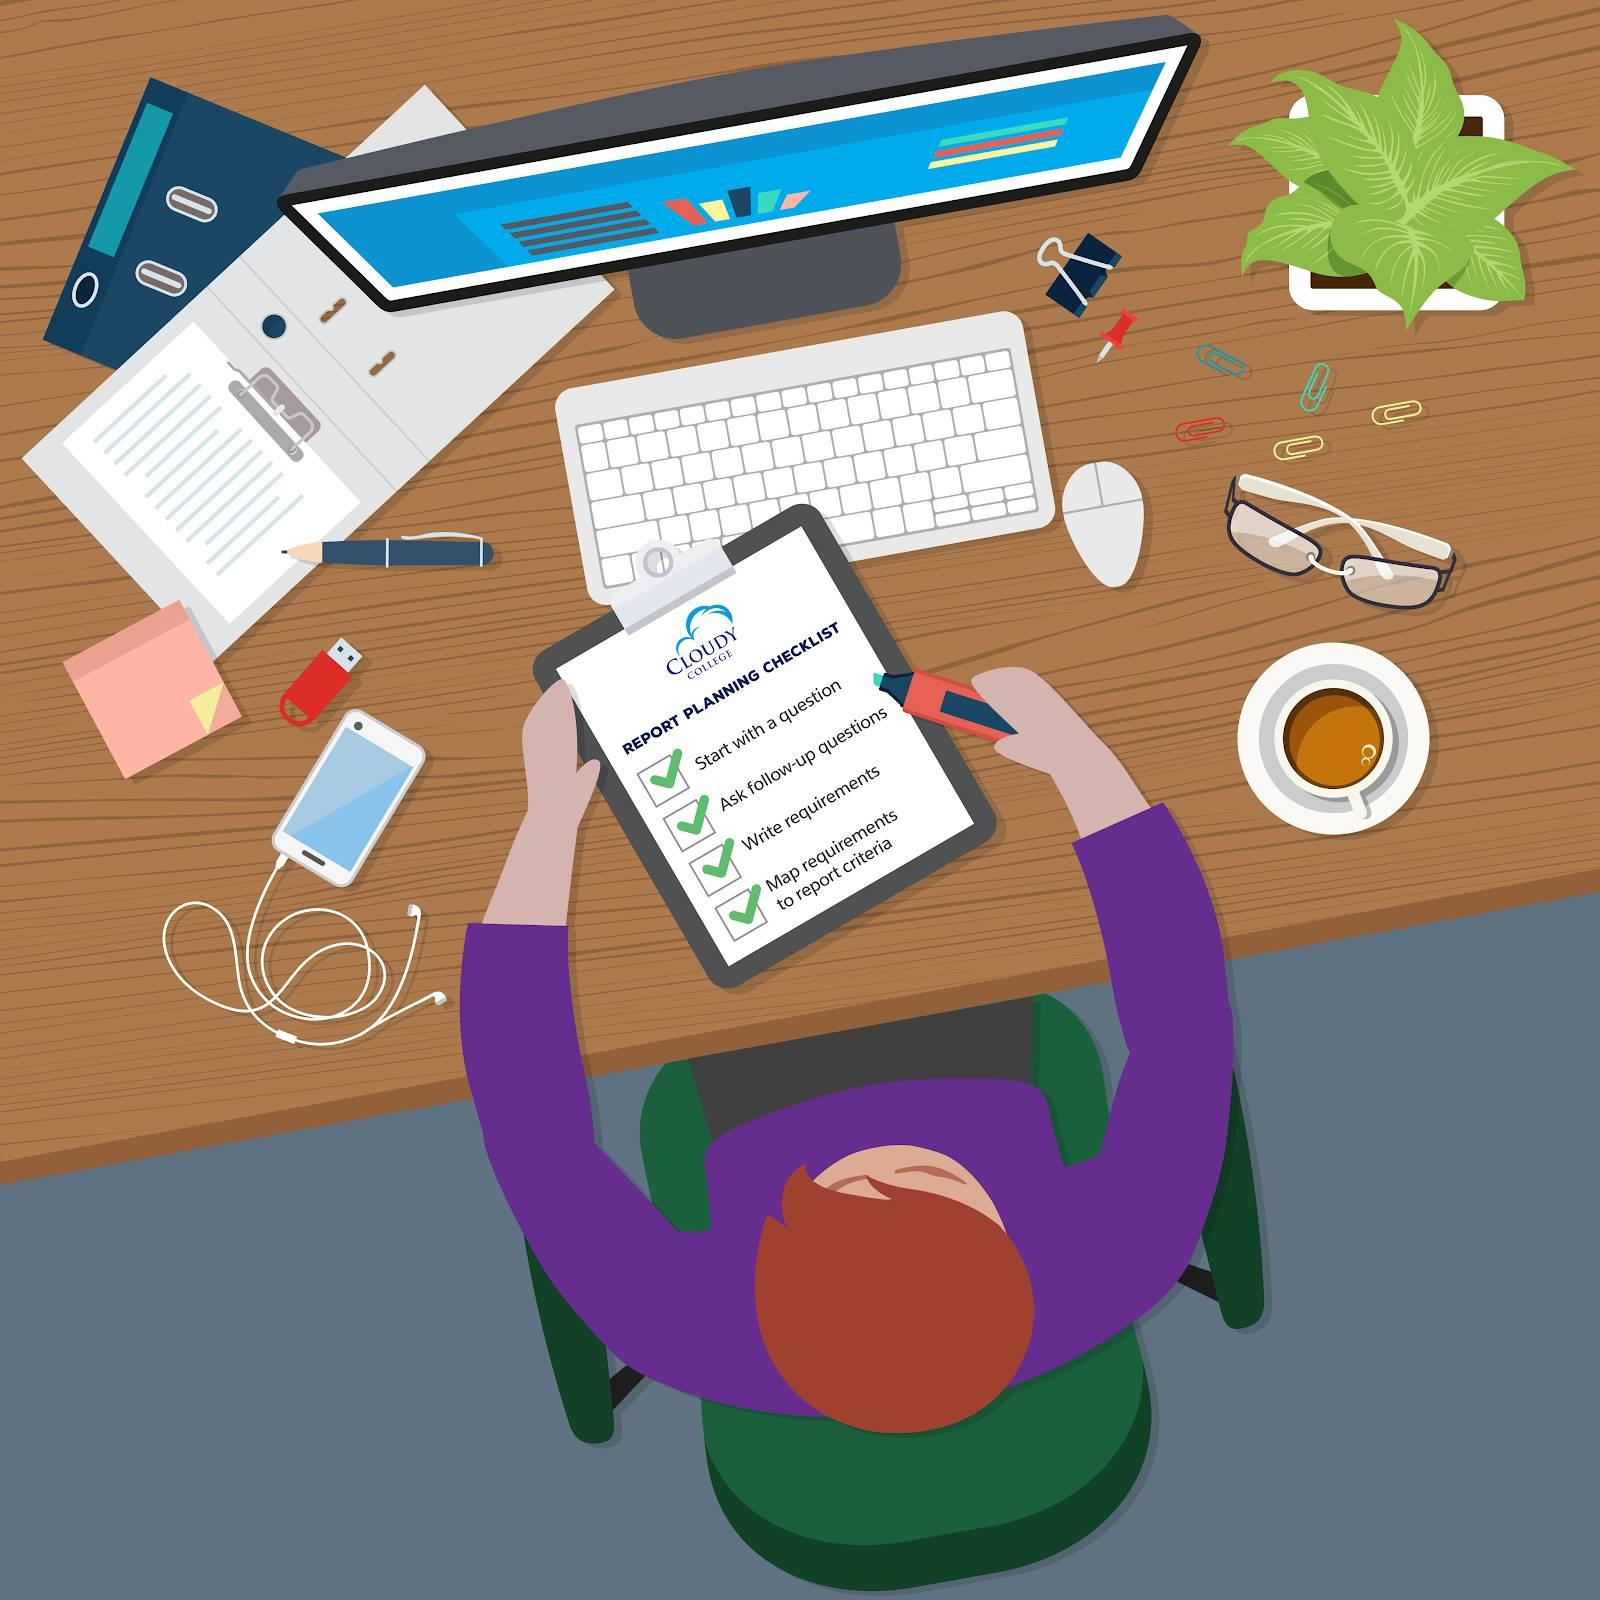 効果的なレポートの作成は、レポート計画から始まります。